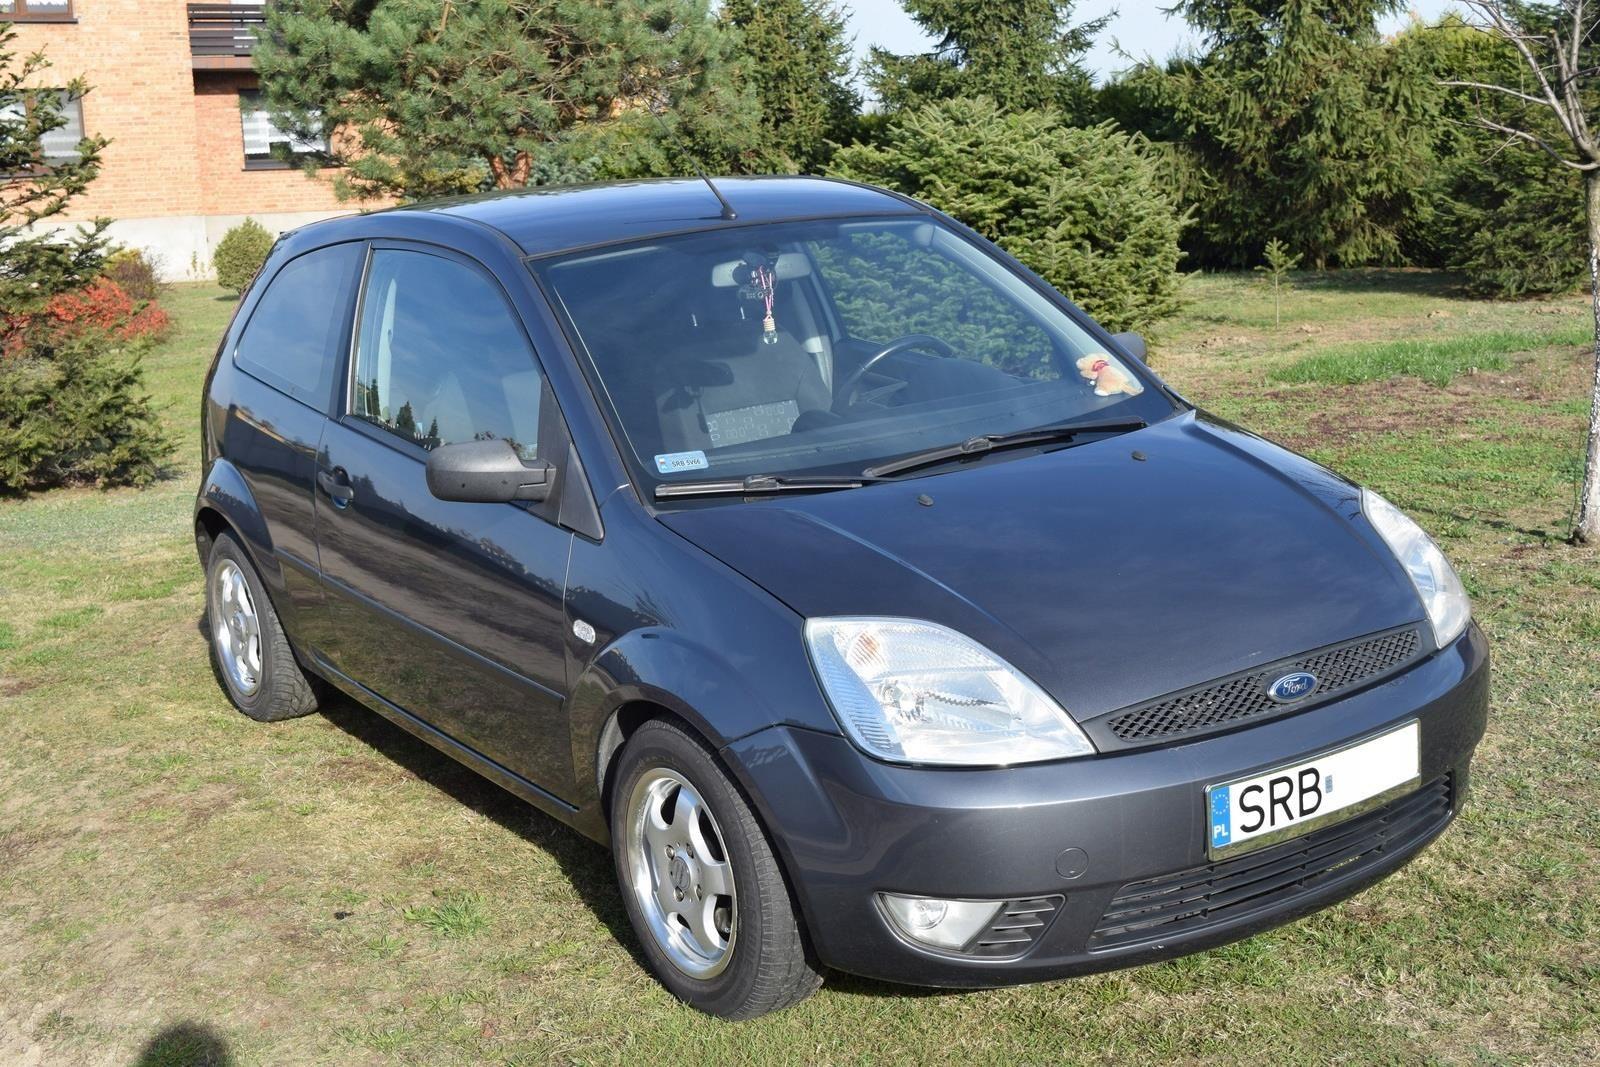 Ford Fiesta Mk6 Stylówa śląsk Opinie I Ceny Na Ceneopl